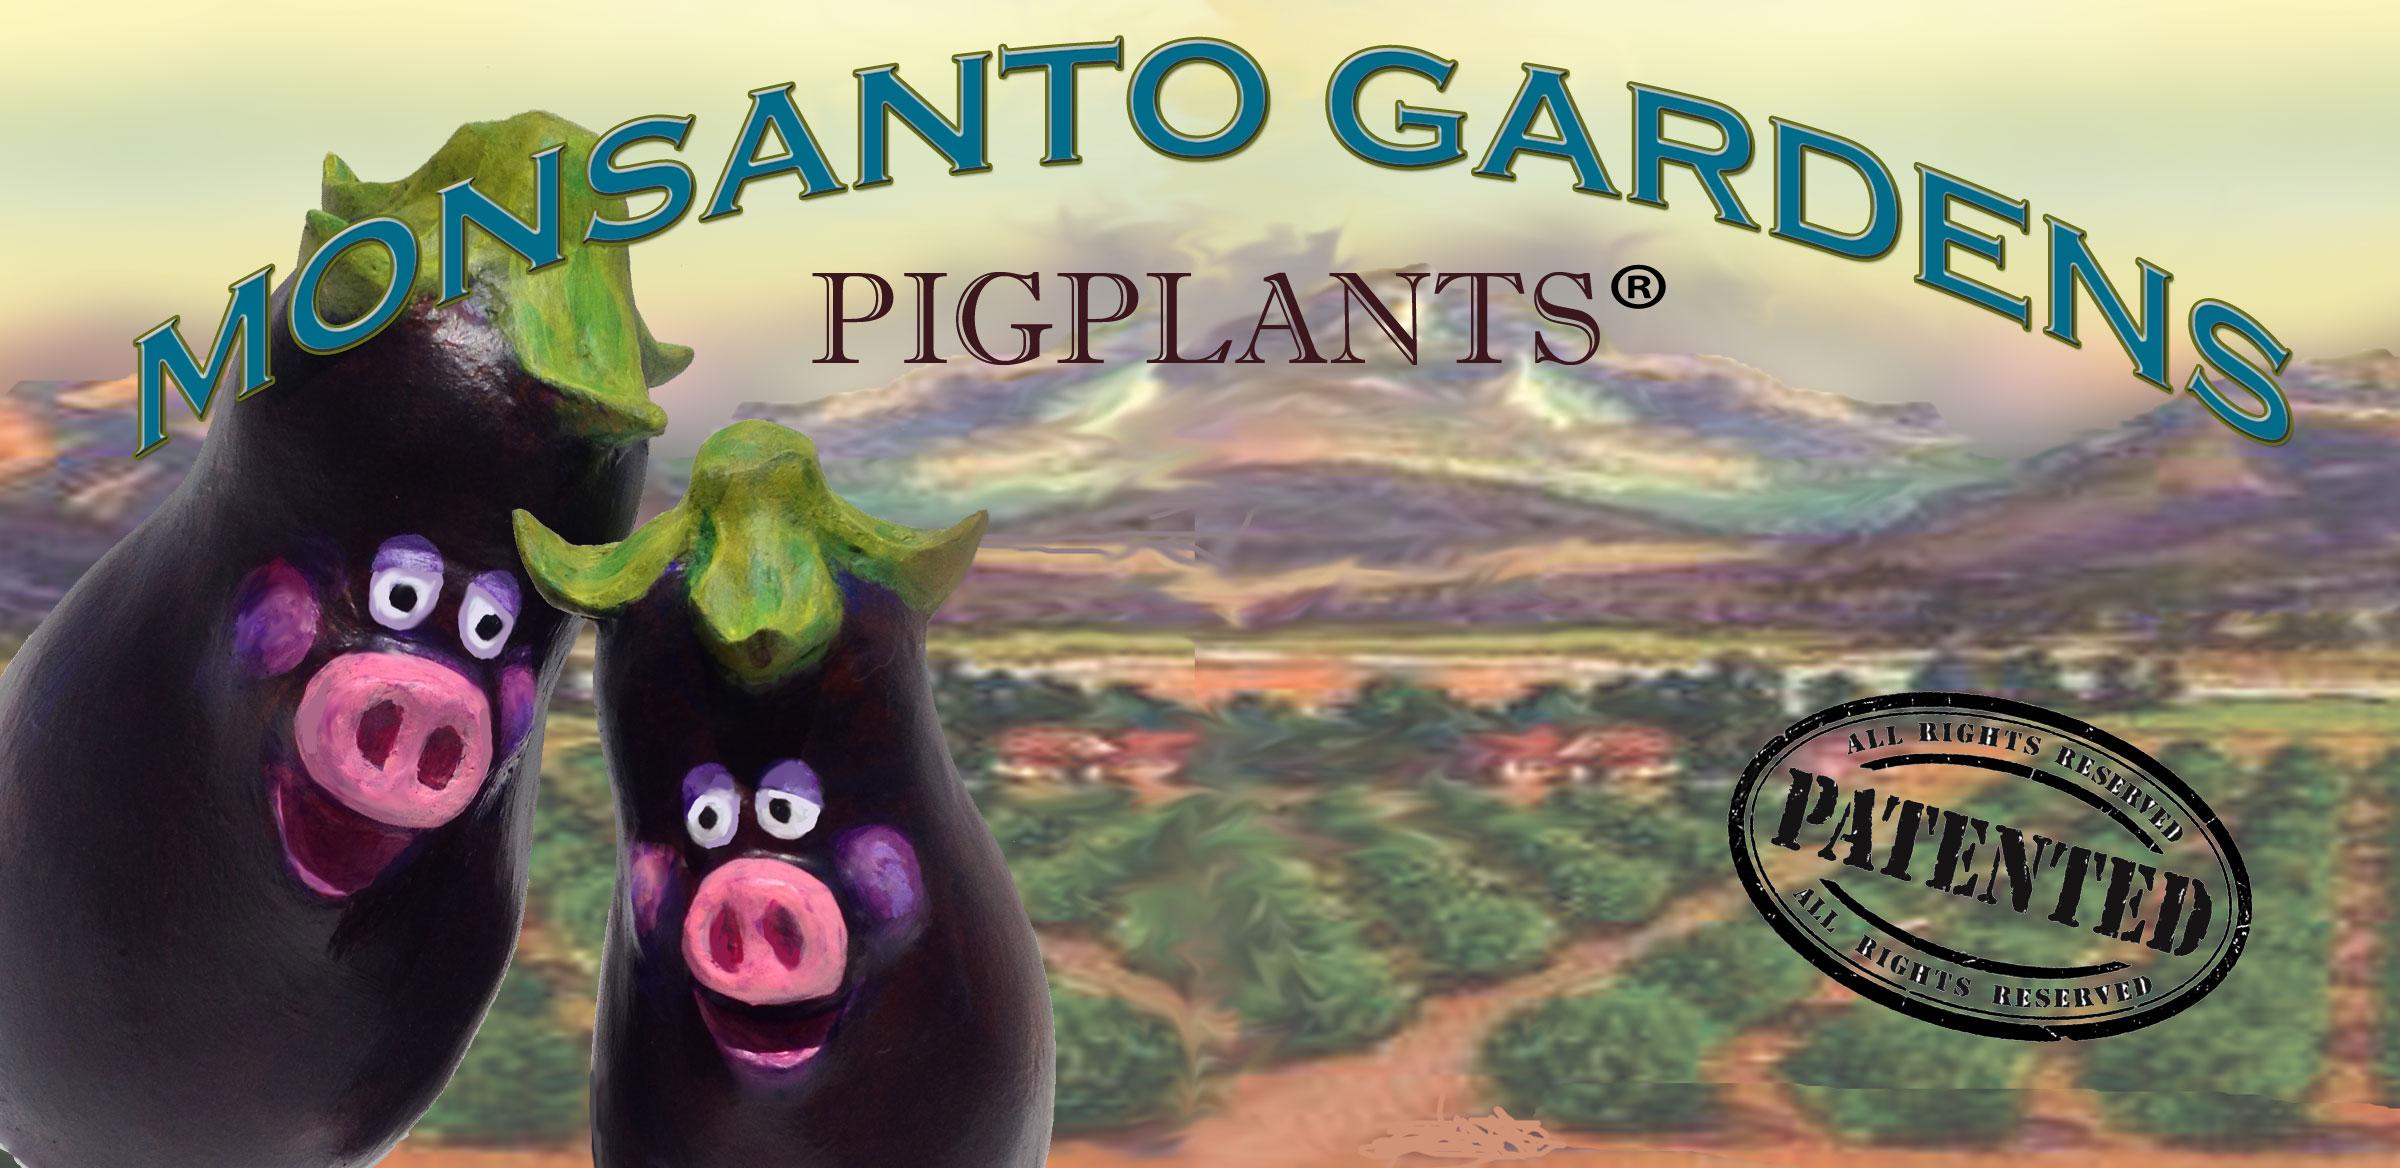 pigplantLabel